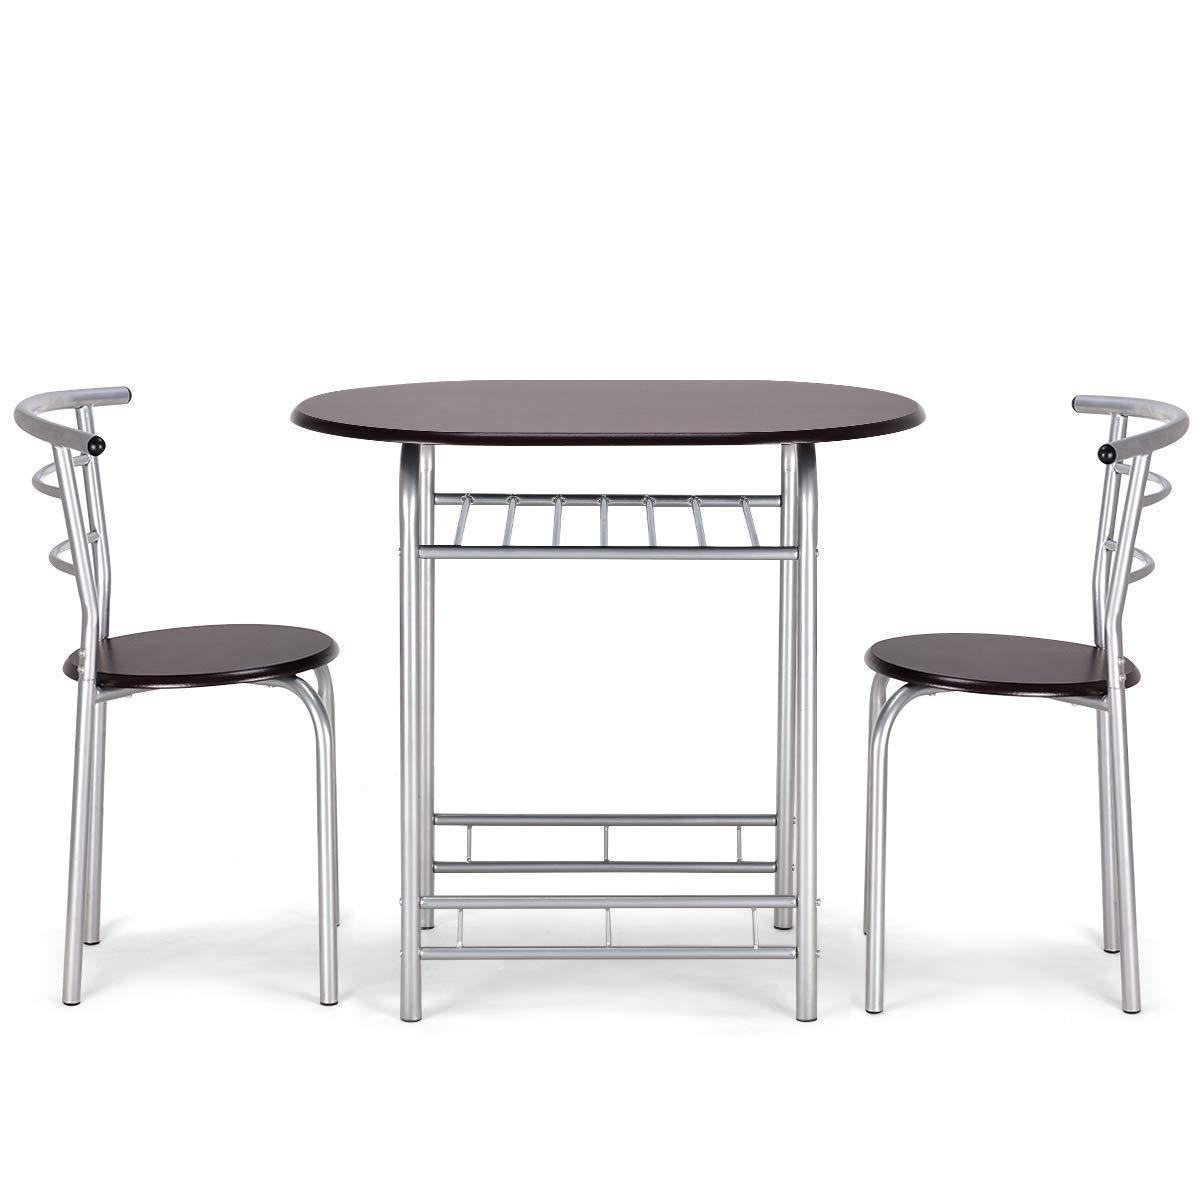 Marrone Tavolo e Sedie da Pranzo Set Mobili per 2 Persone di Legno e Ferro Goplus Set Mobili Tavolo con 2 Sedie con Design Semplice